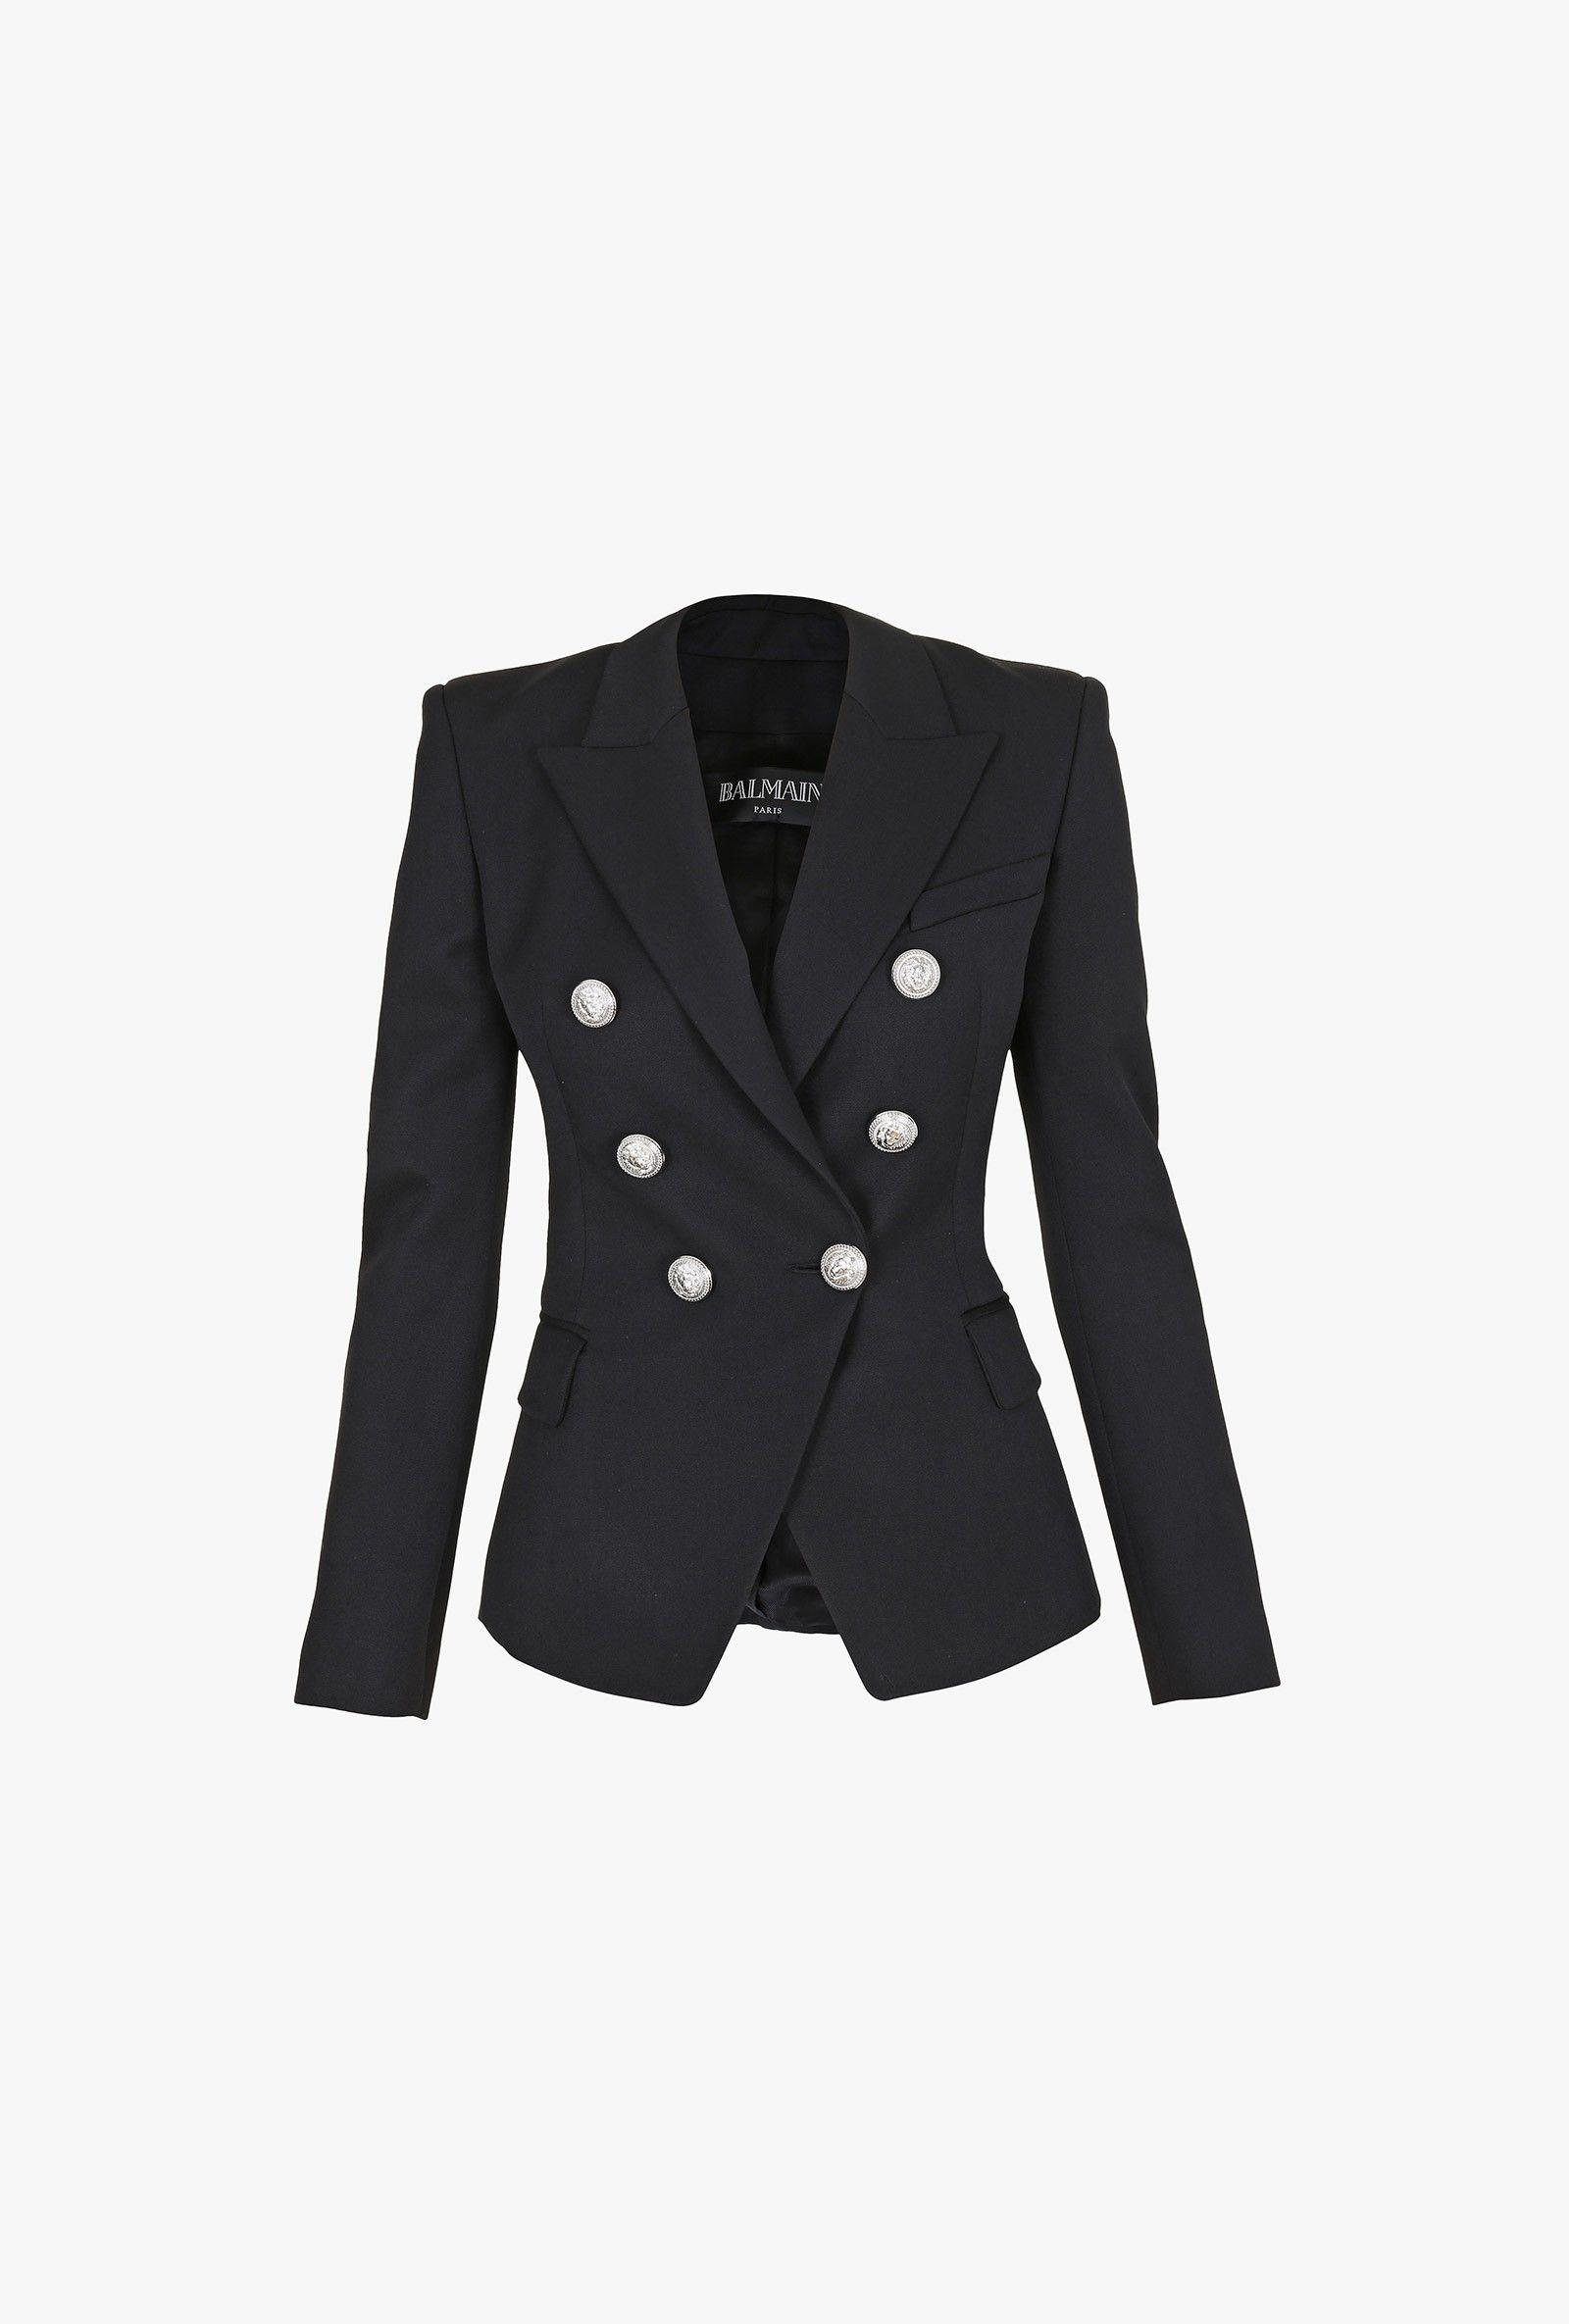 Double-breasted grain de poudre wool blazer | Women's blazers | Balmain